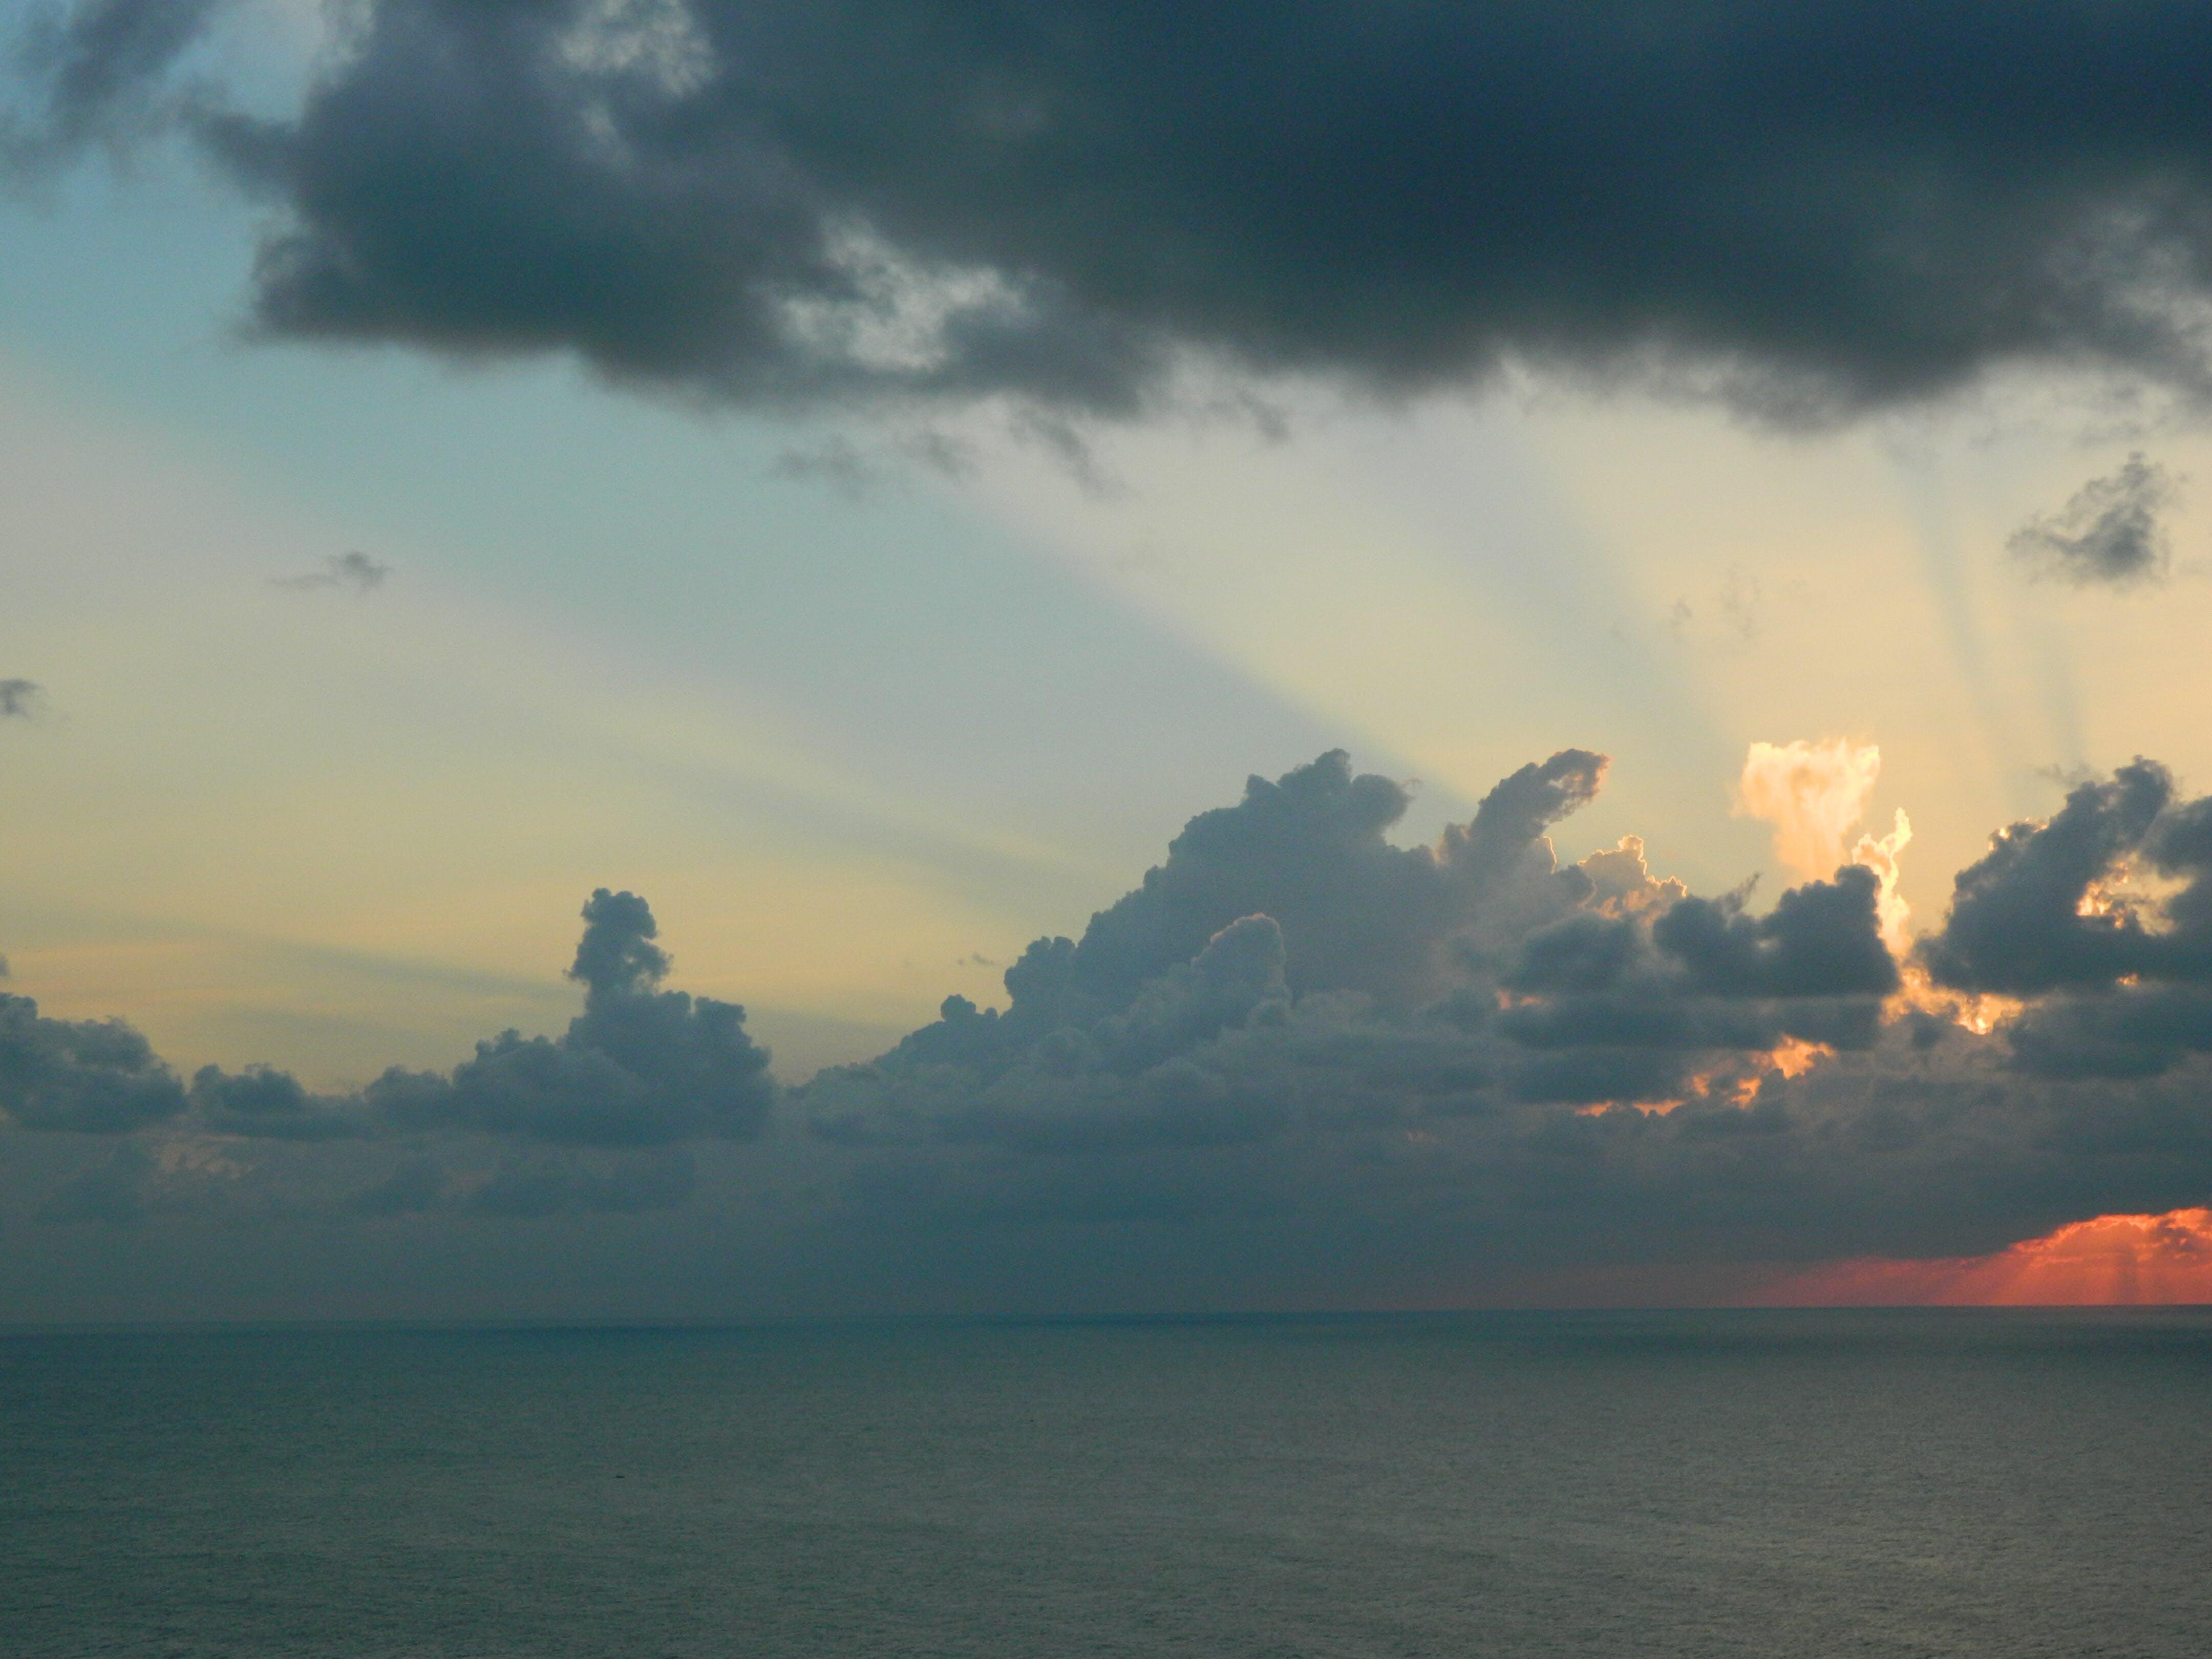 Wavy Ocean Under Gray Clouds